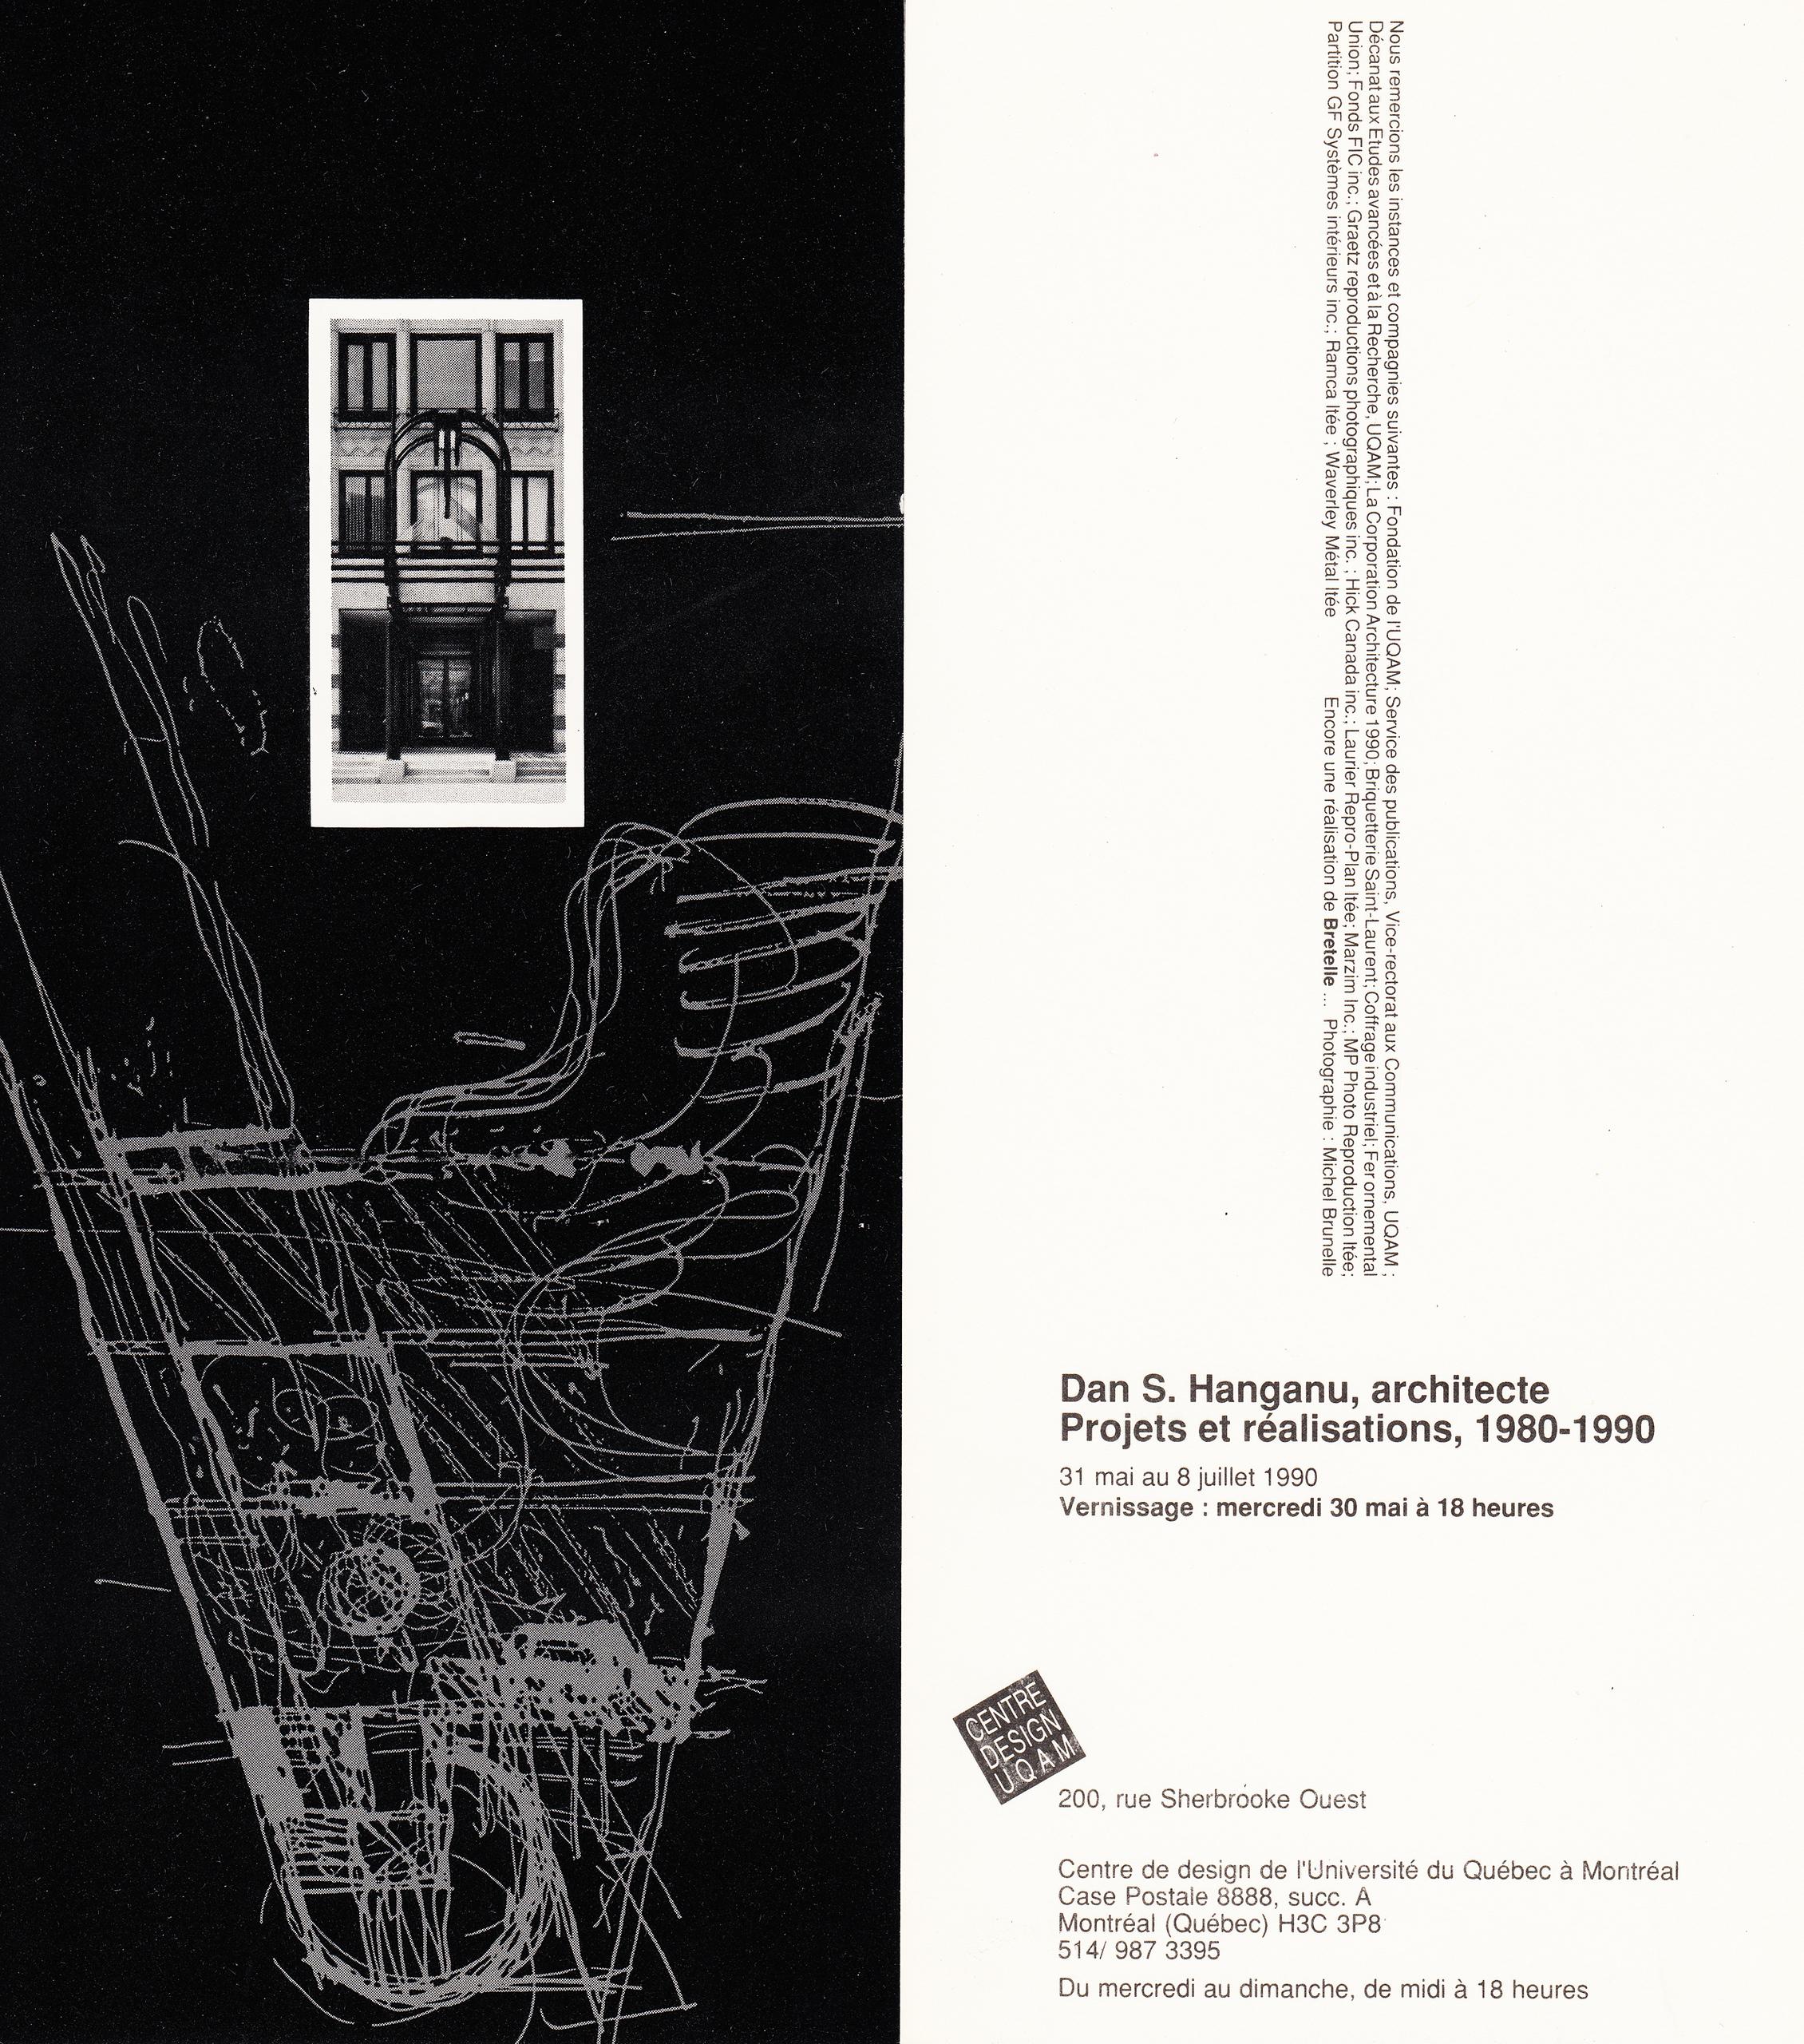 1990 - Exposition - Architecte du Québec Dan S Hanganu Projets et réalisations 1980-1990